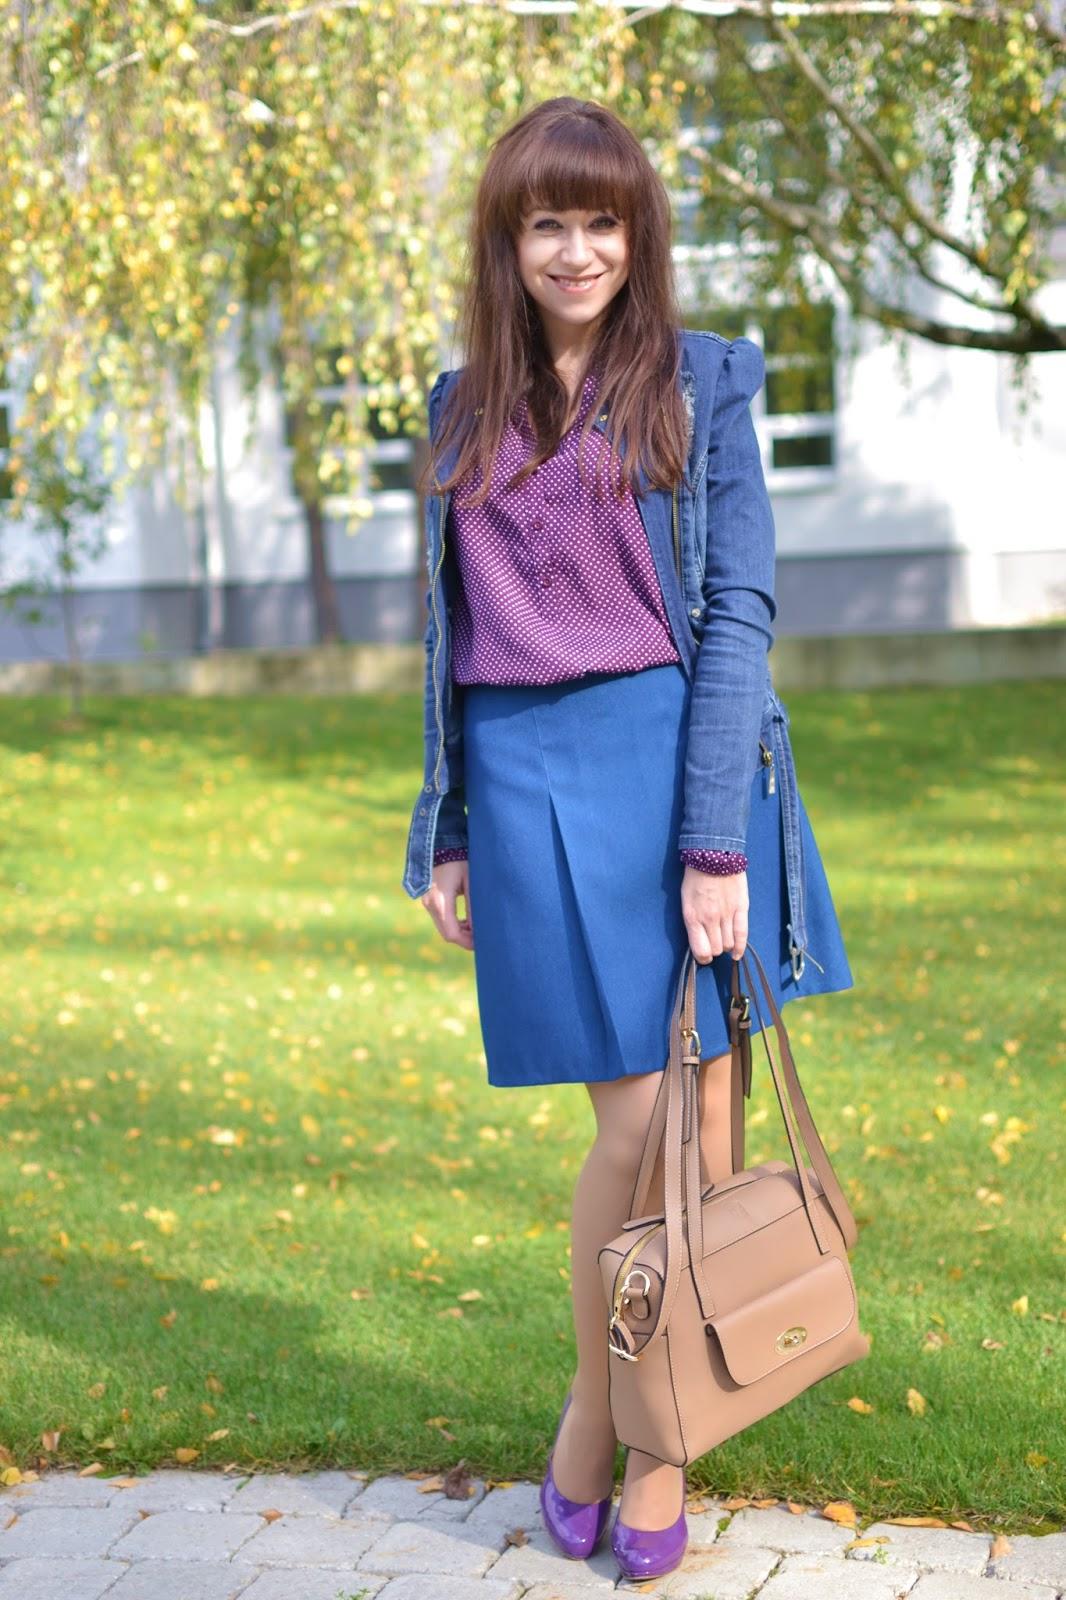 Made in Slovakia_Katharine-fashion is beautiful_Bodkovaná blúzka_Denim bunda_Modrá sukňa_Lakované lodičky_Katarína Jakubčová_Fashion blogger